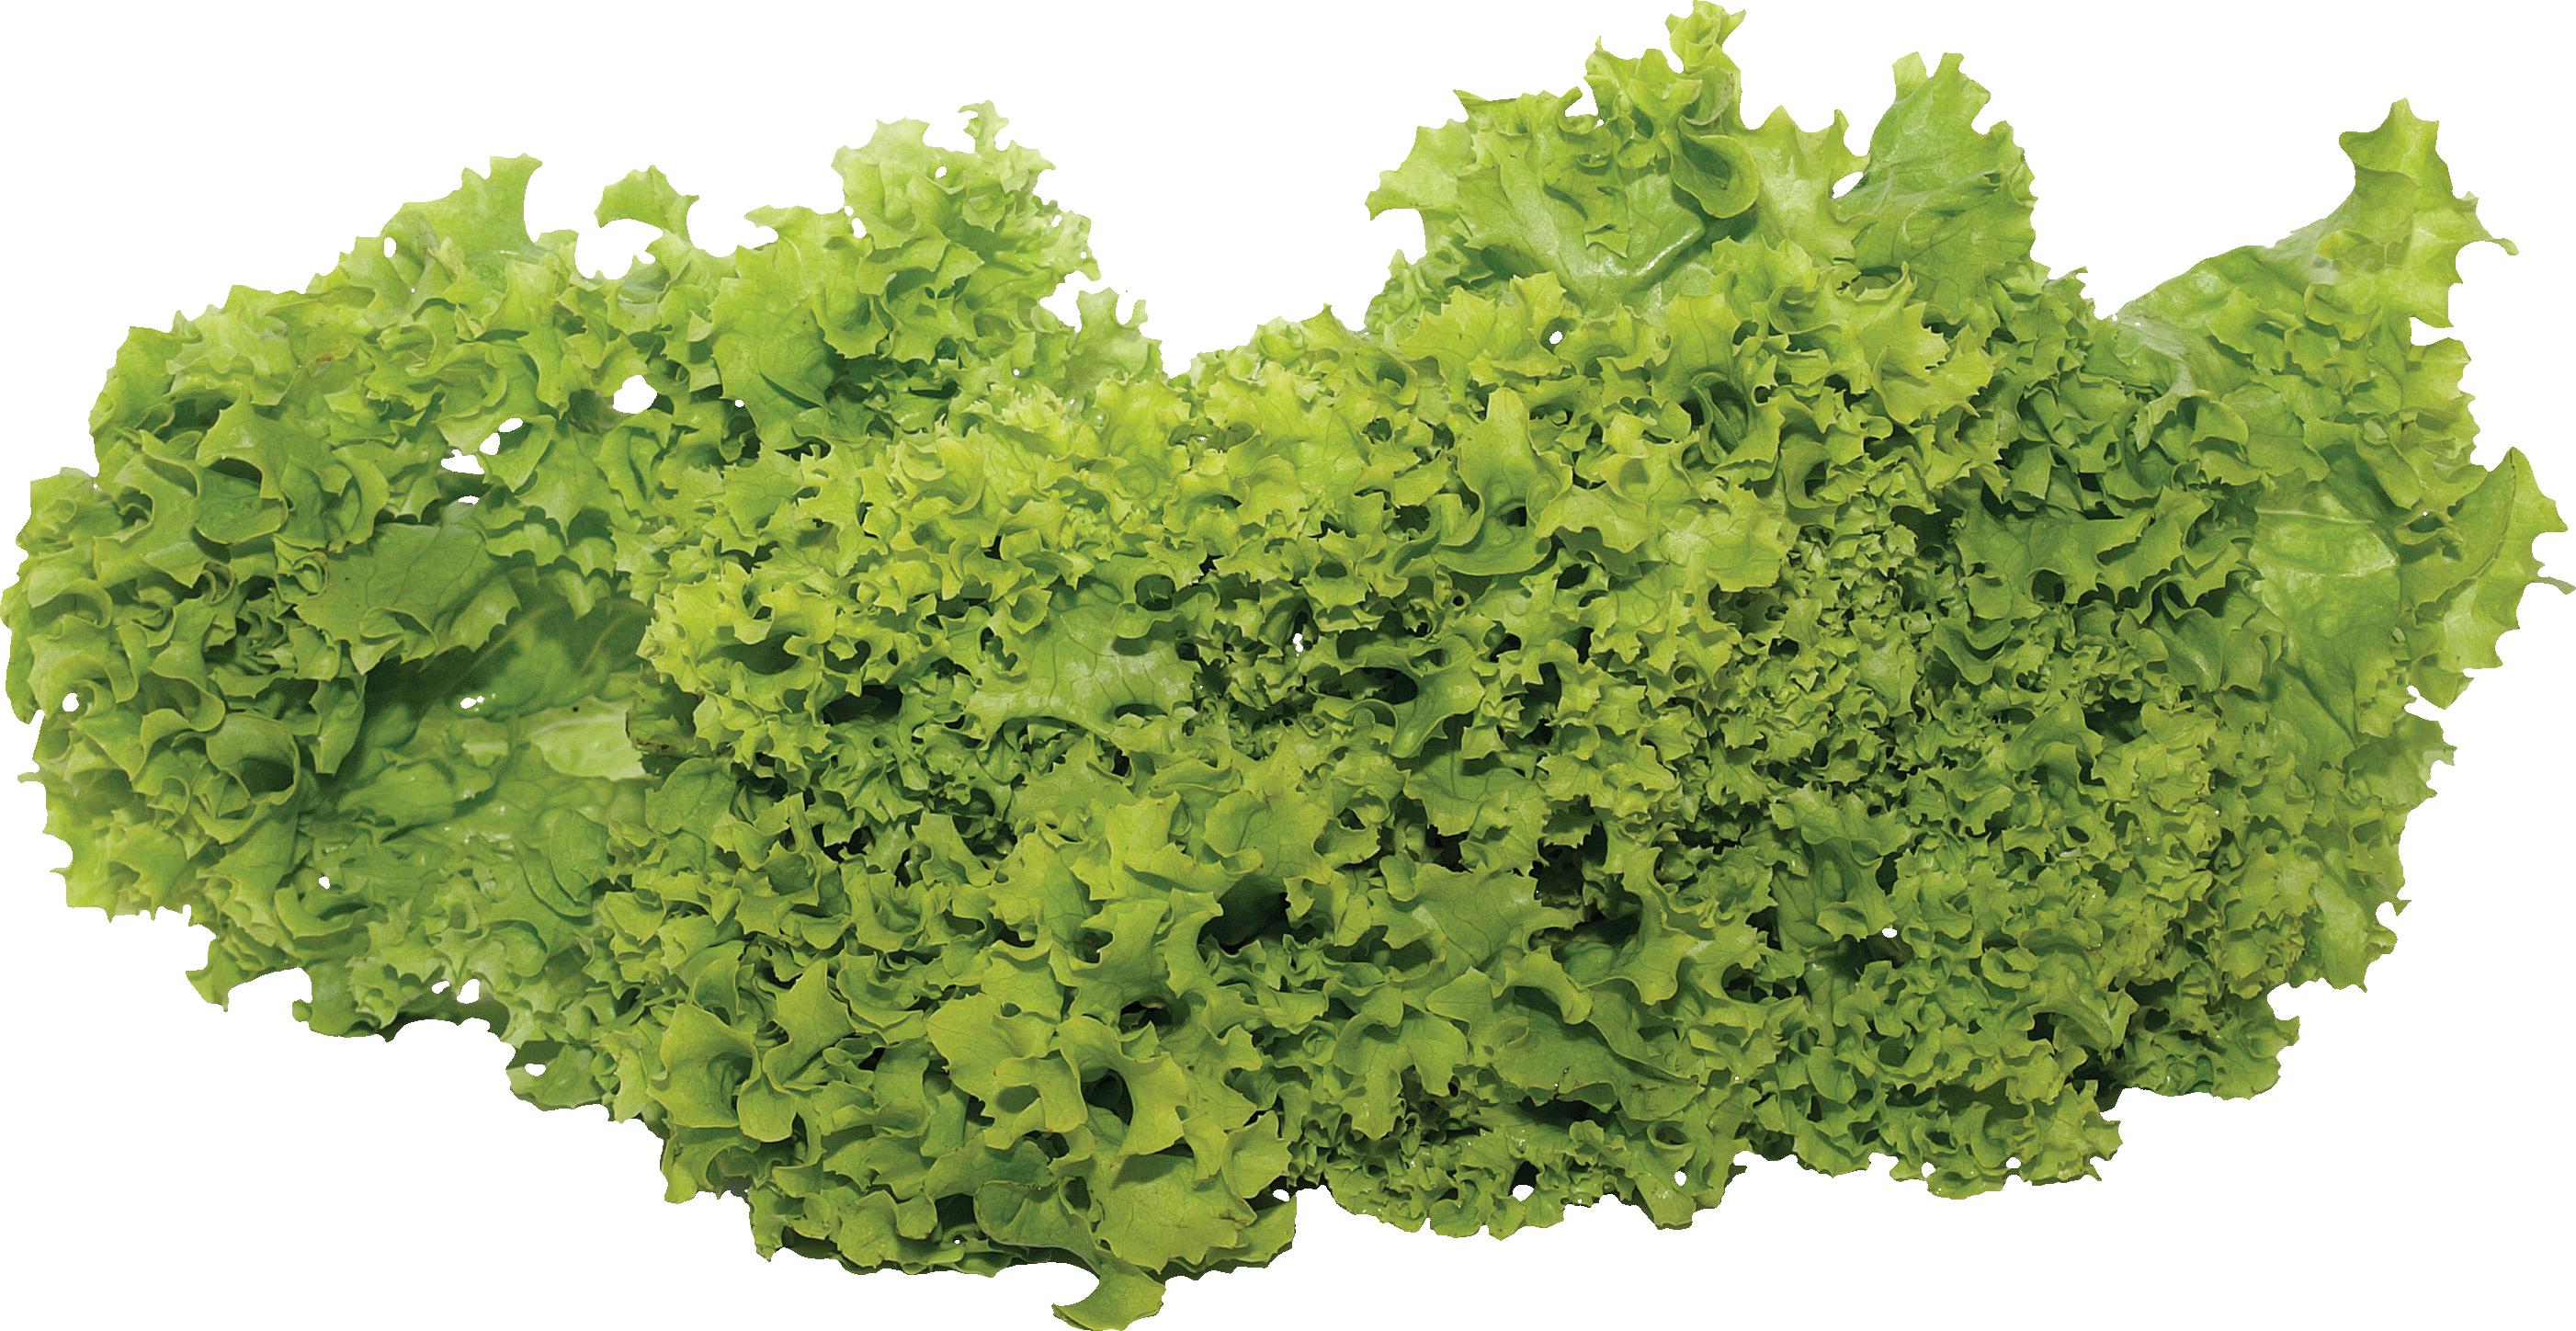 Lettuce Leaf - Green Salad Png - Free Transparent PNG Download - PNGkey